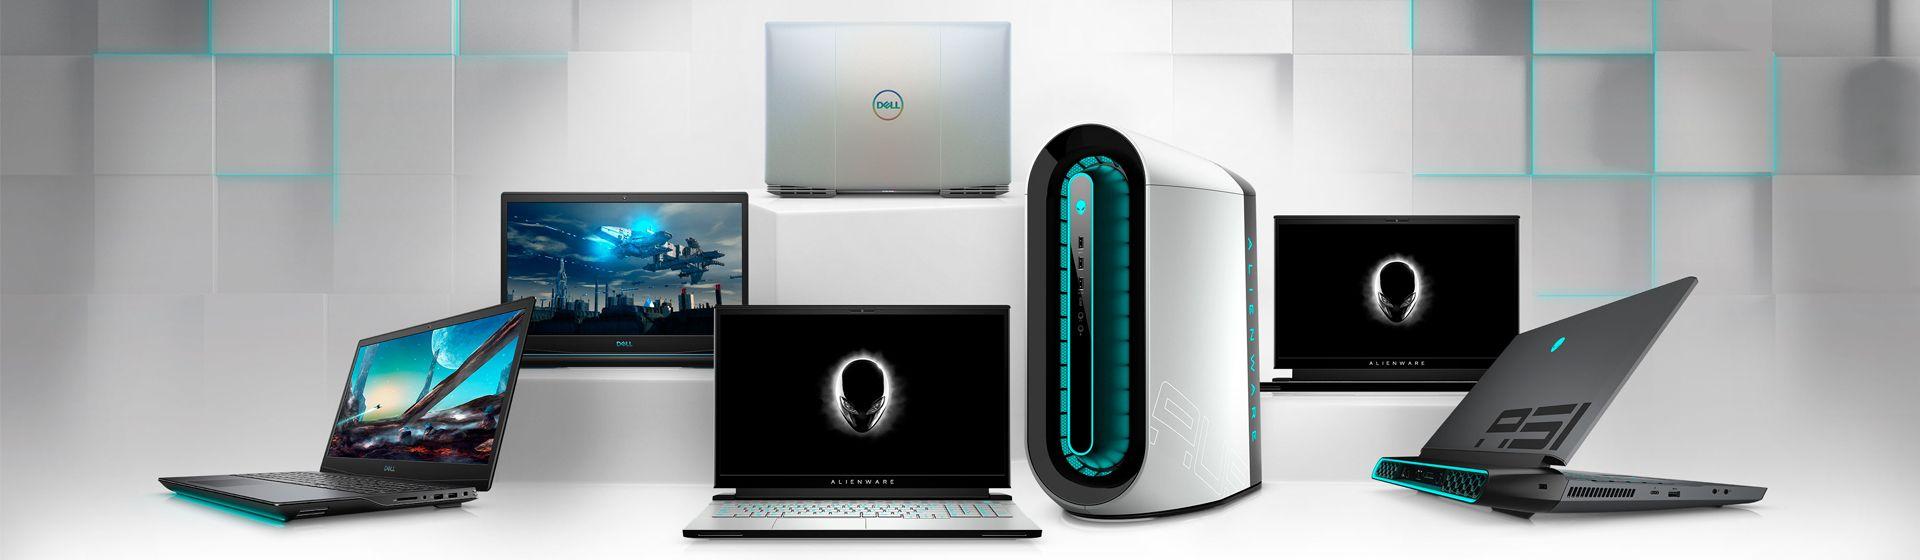 Dell atualiza linhas de notebooks Gaming, XPS e Alienware para 2020